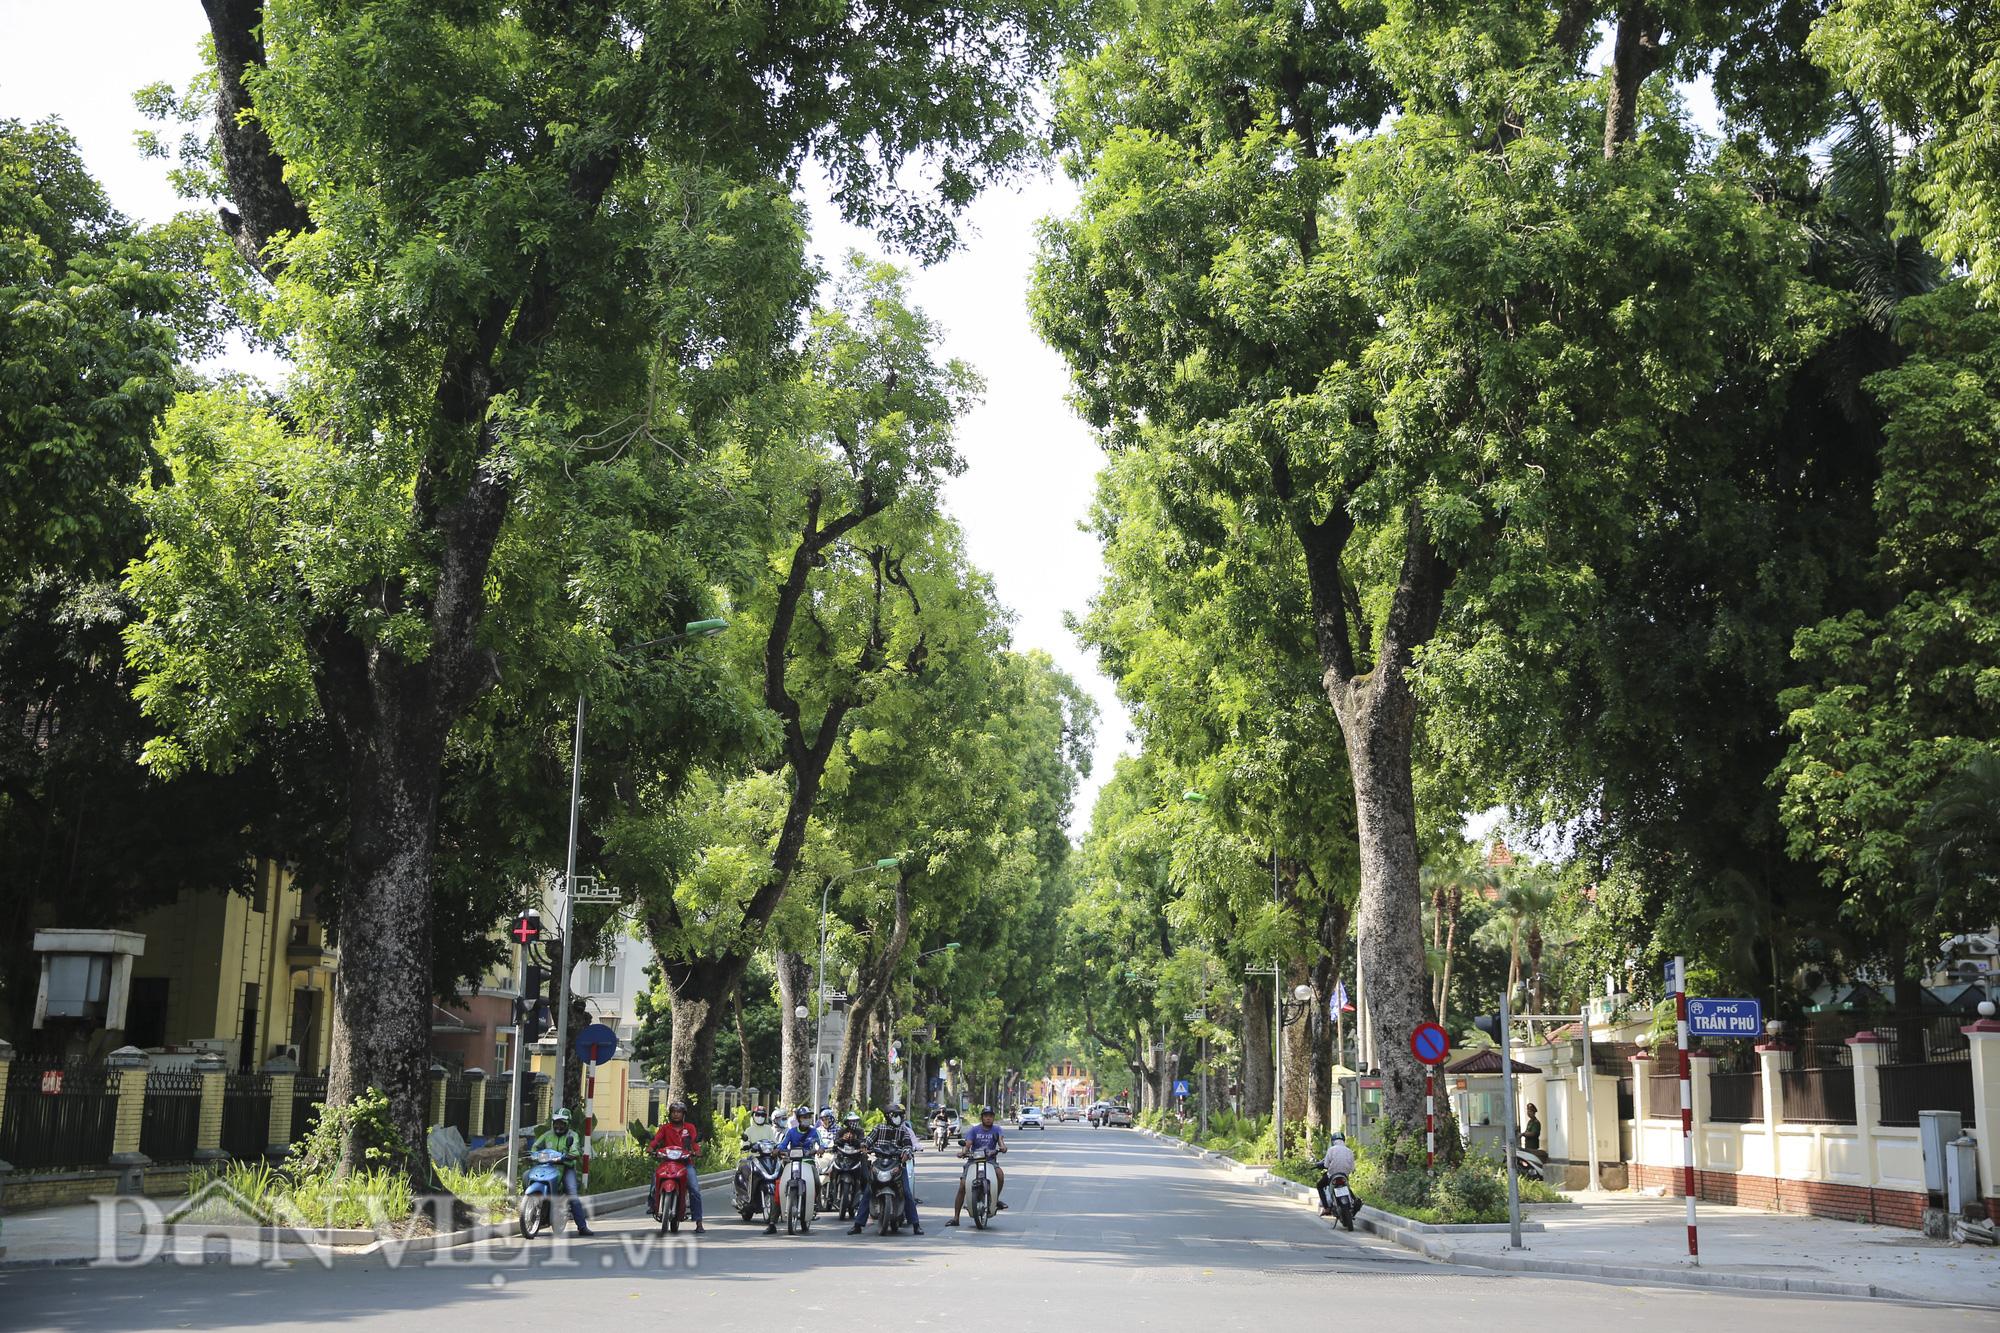 """Hệ thống cây xanh đã giúp Hà Nội giảm """"hiệu ứng đảo nhiệt đô thị"""" như thế nào? - Ảnh 6."""